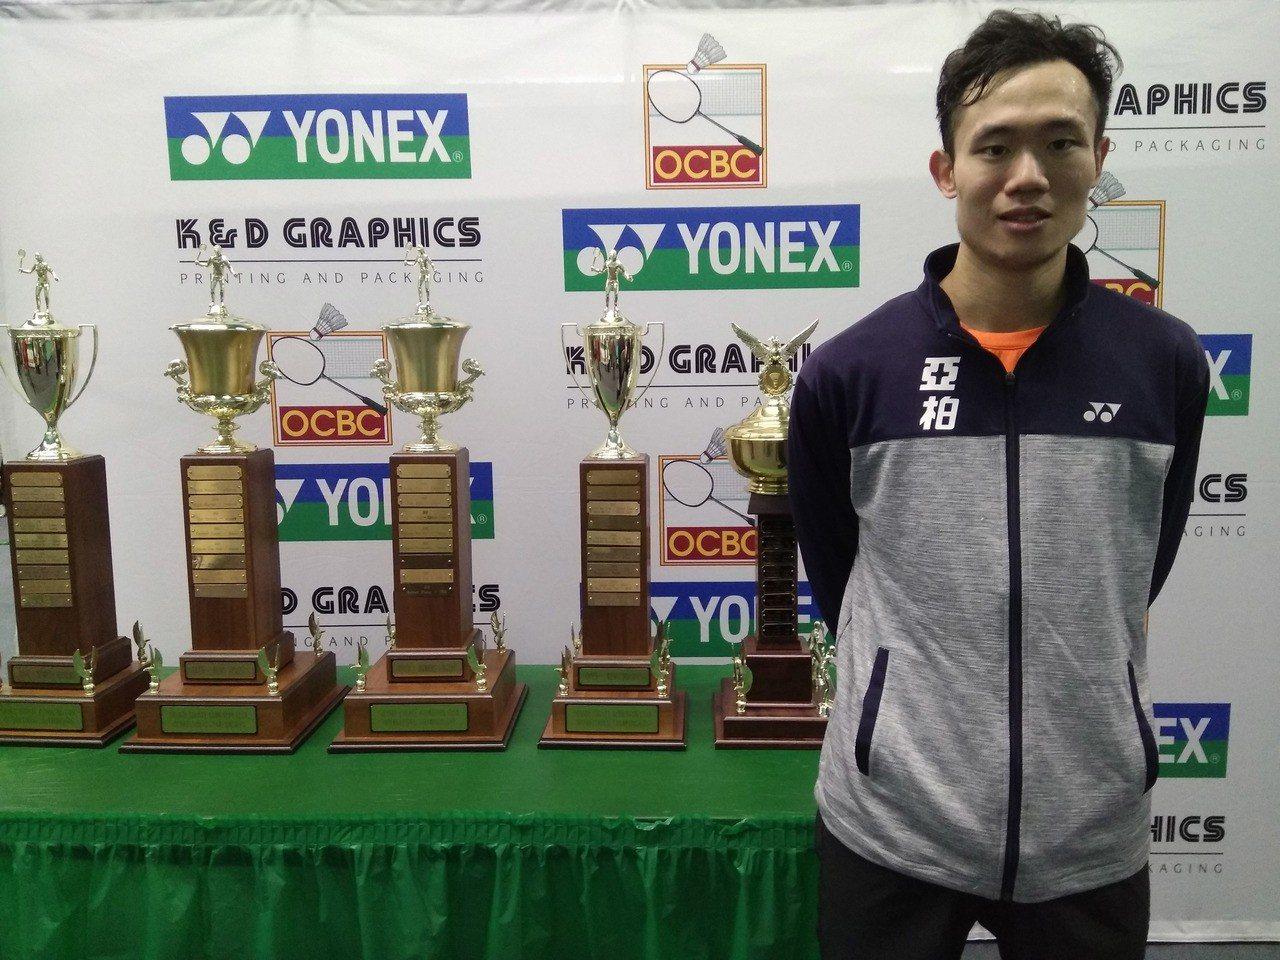 呂家弘參加美國羽球國際挑戰賽,期許這次來美國,可以拿今年度首個國際冠軍。 中央社